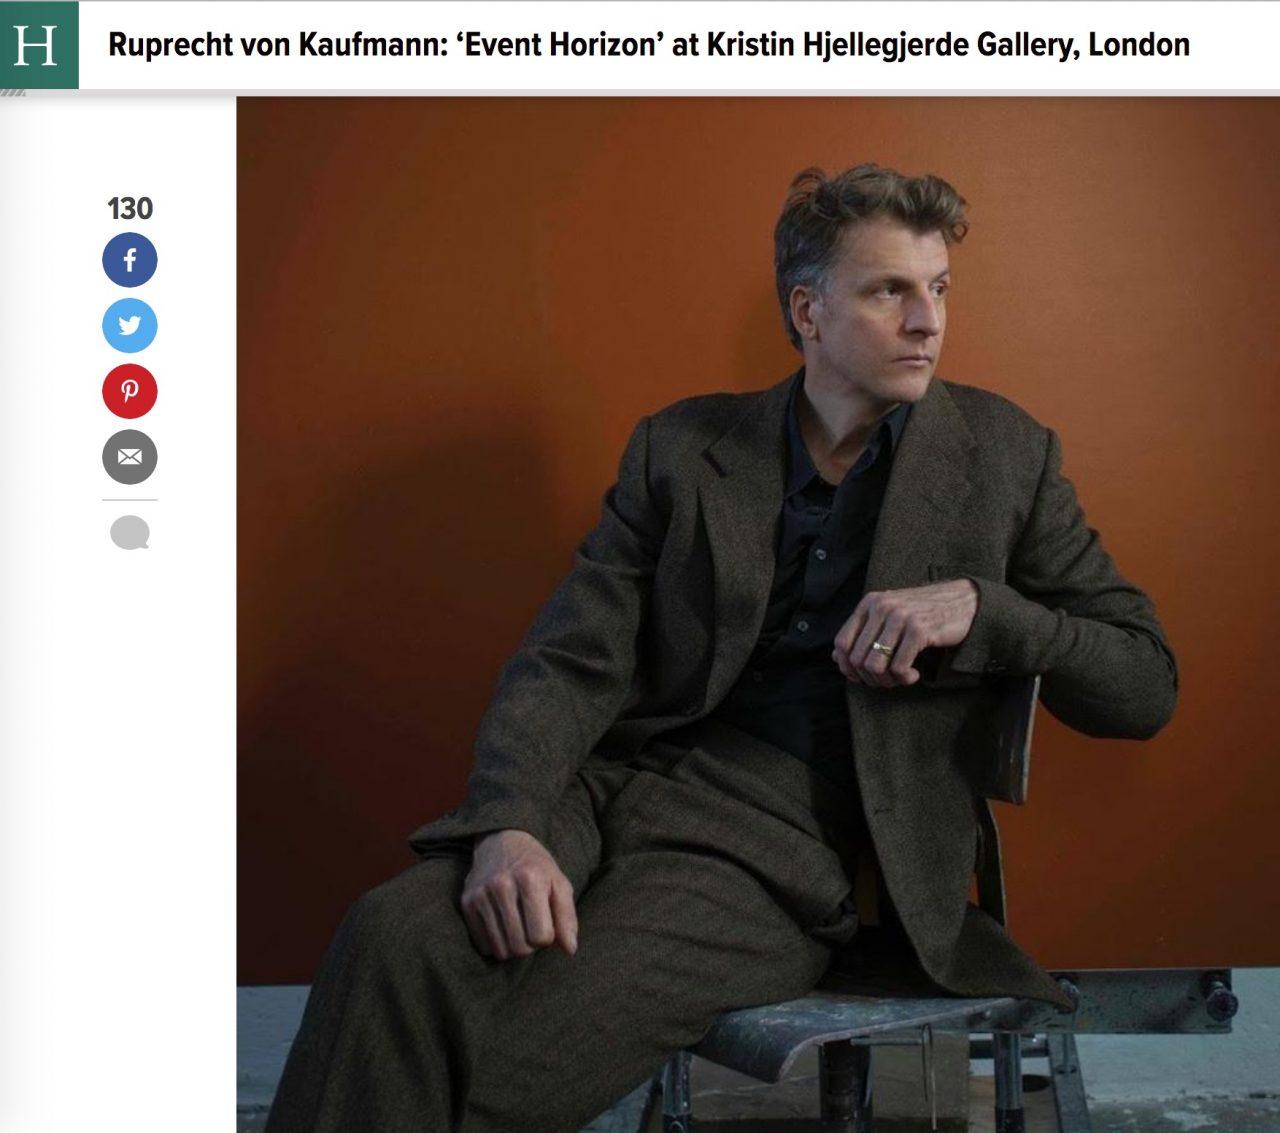 Ruprecht von Kaufmann: 'Event Horizon'